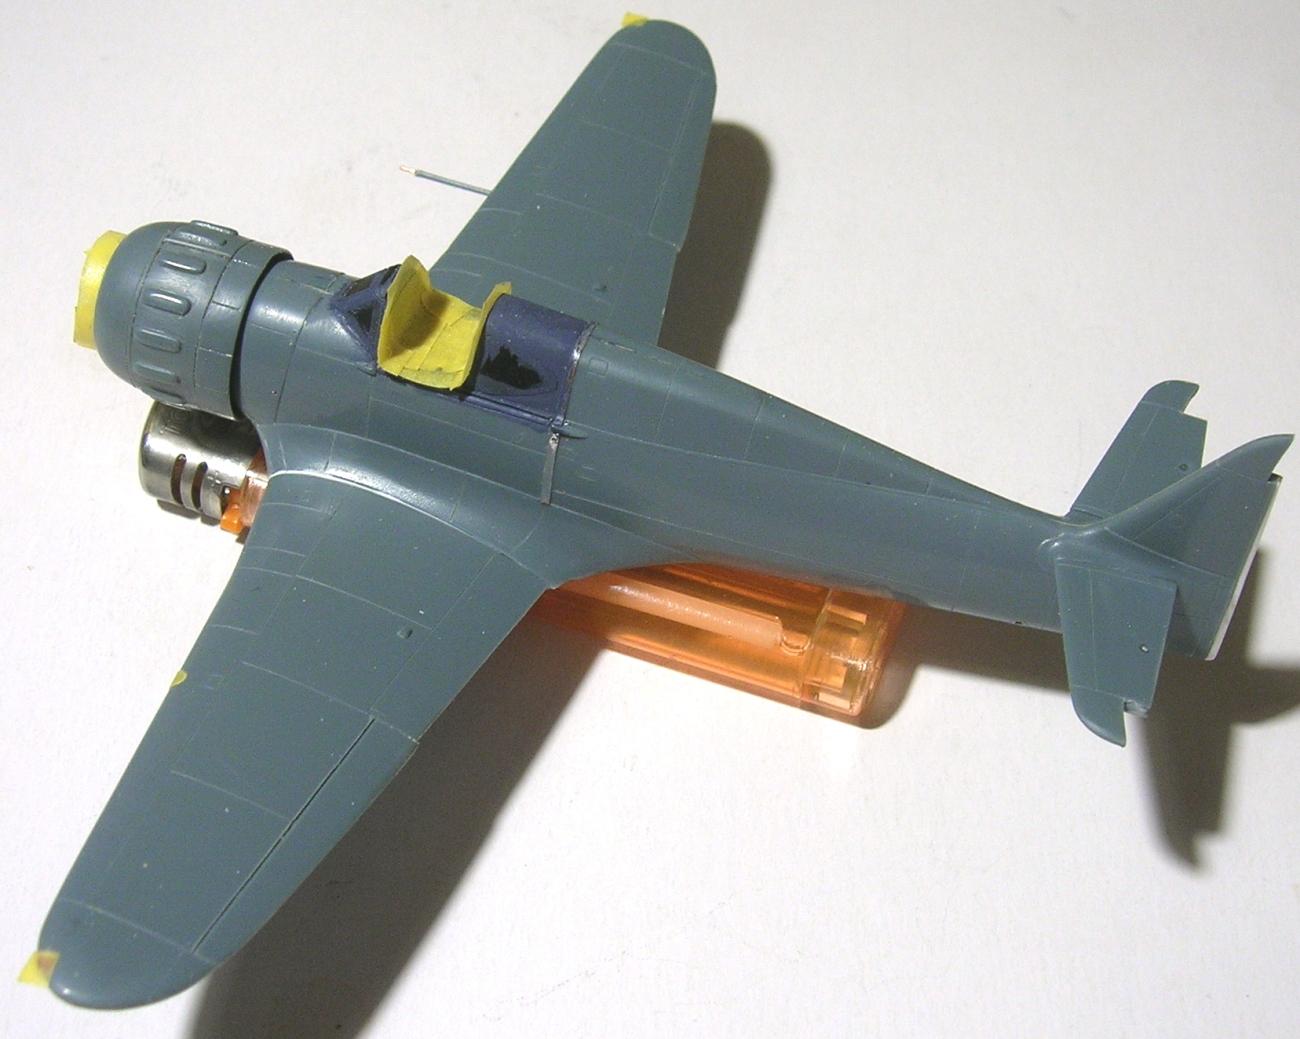 montage: Bloch MB152 Armée de l'Air [RS Models, Brengun, Falcon 1/72] - Page 4 Monta222